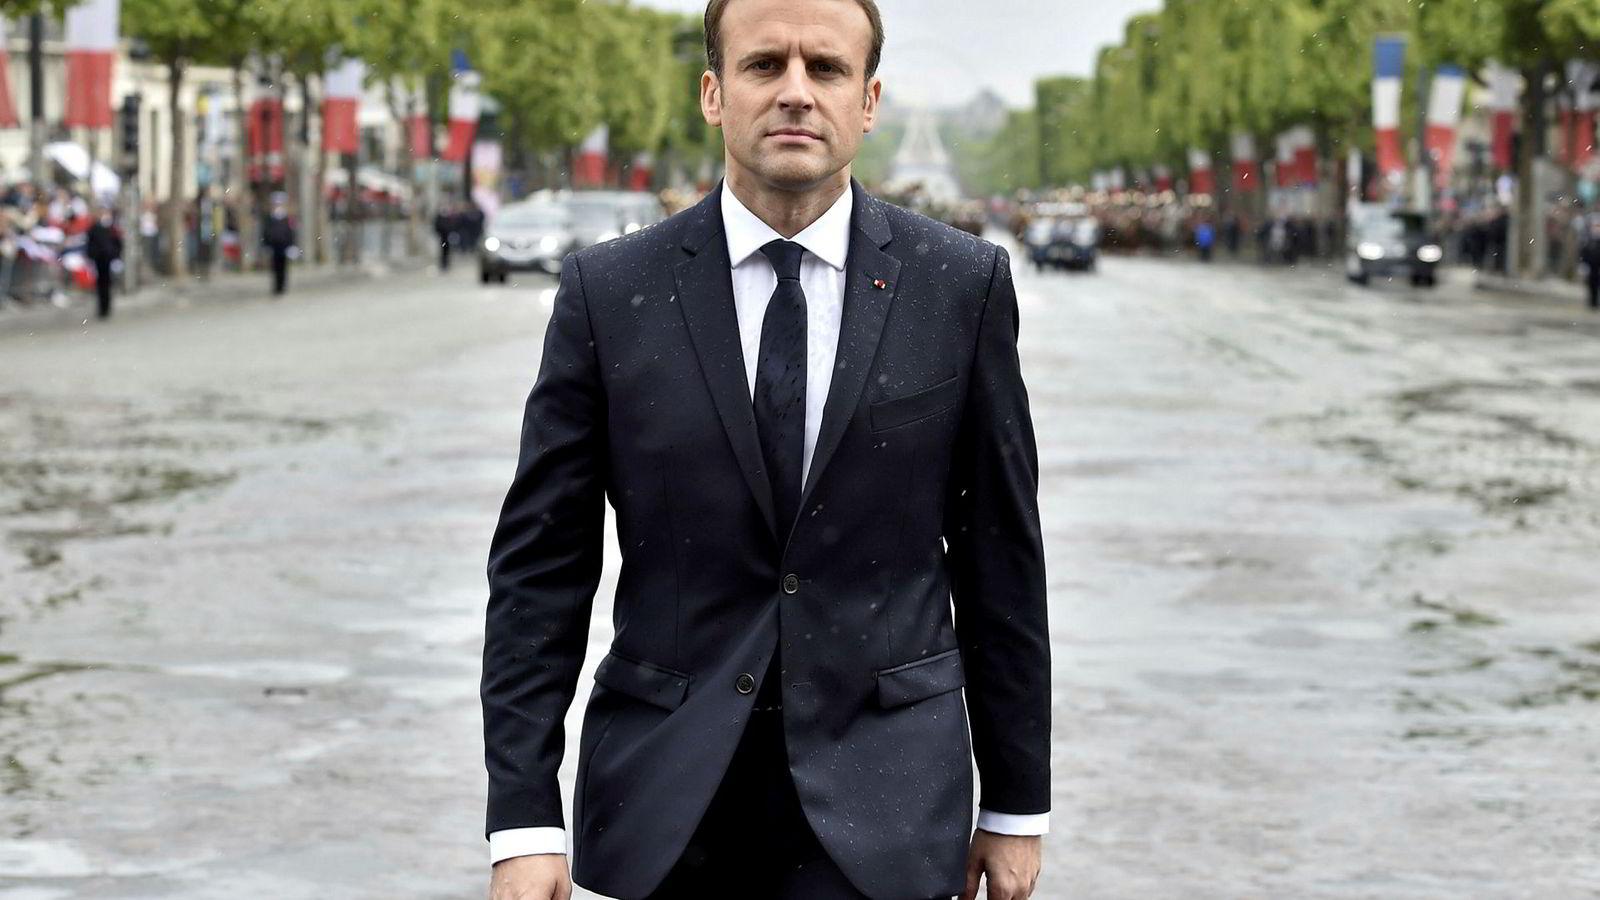 Frankrikes nye president, Emmanuel Macron, baserte sin valgkamp på en blanding av «høyrevridde» arbeidsreformer og «venstrevridde» lettelser i budsjett- og pengepolitikken. Slike ideer får støtte i Tyskland og blant EUs beslutningstagere.